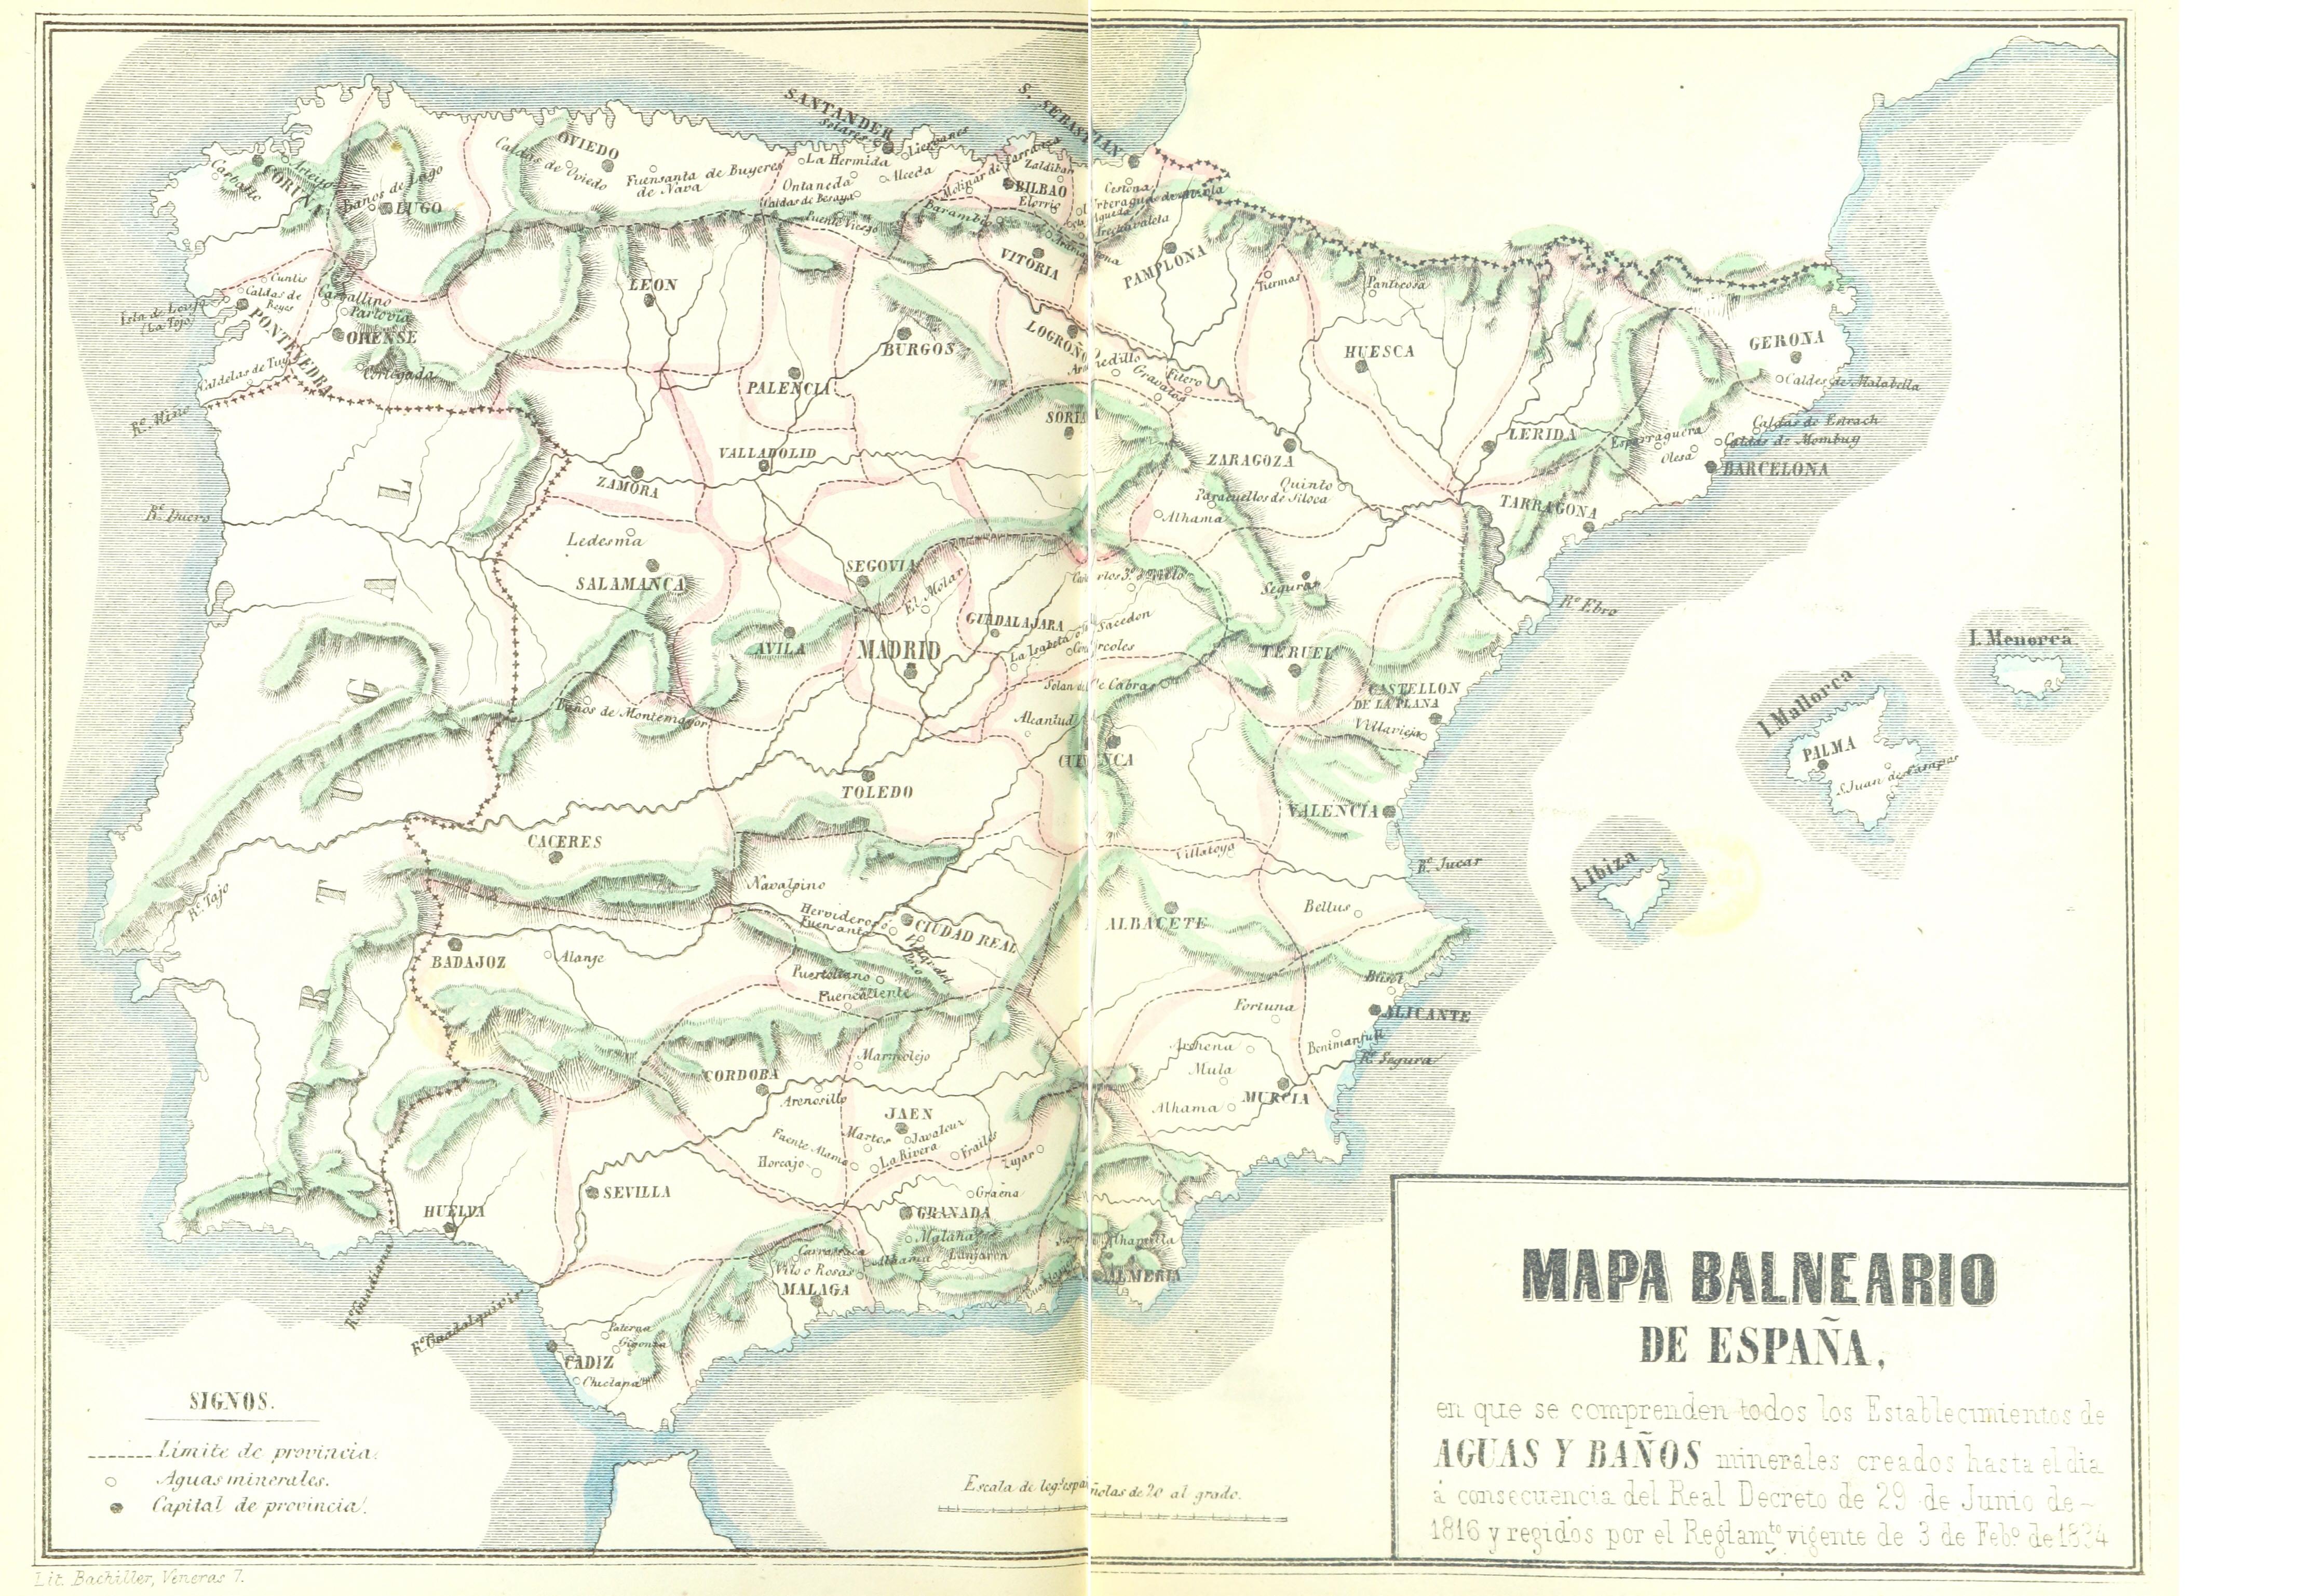 File T V 1857 23 Mapa Balneario De Espana En Que Se